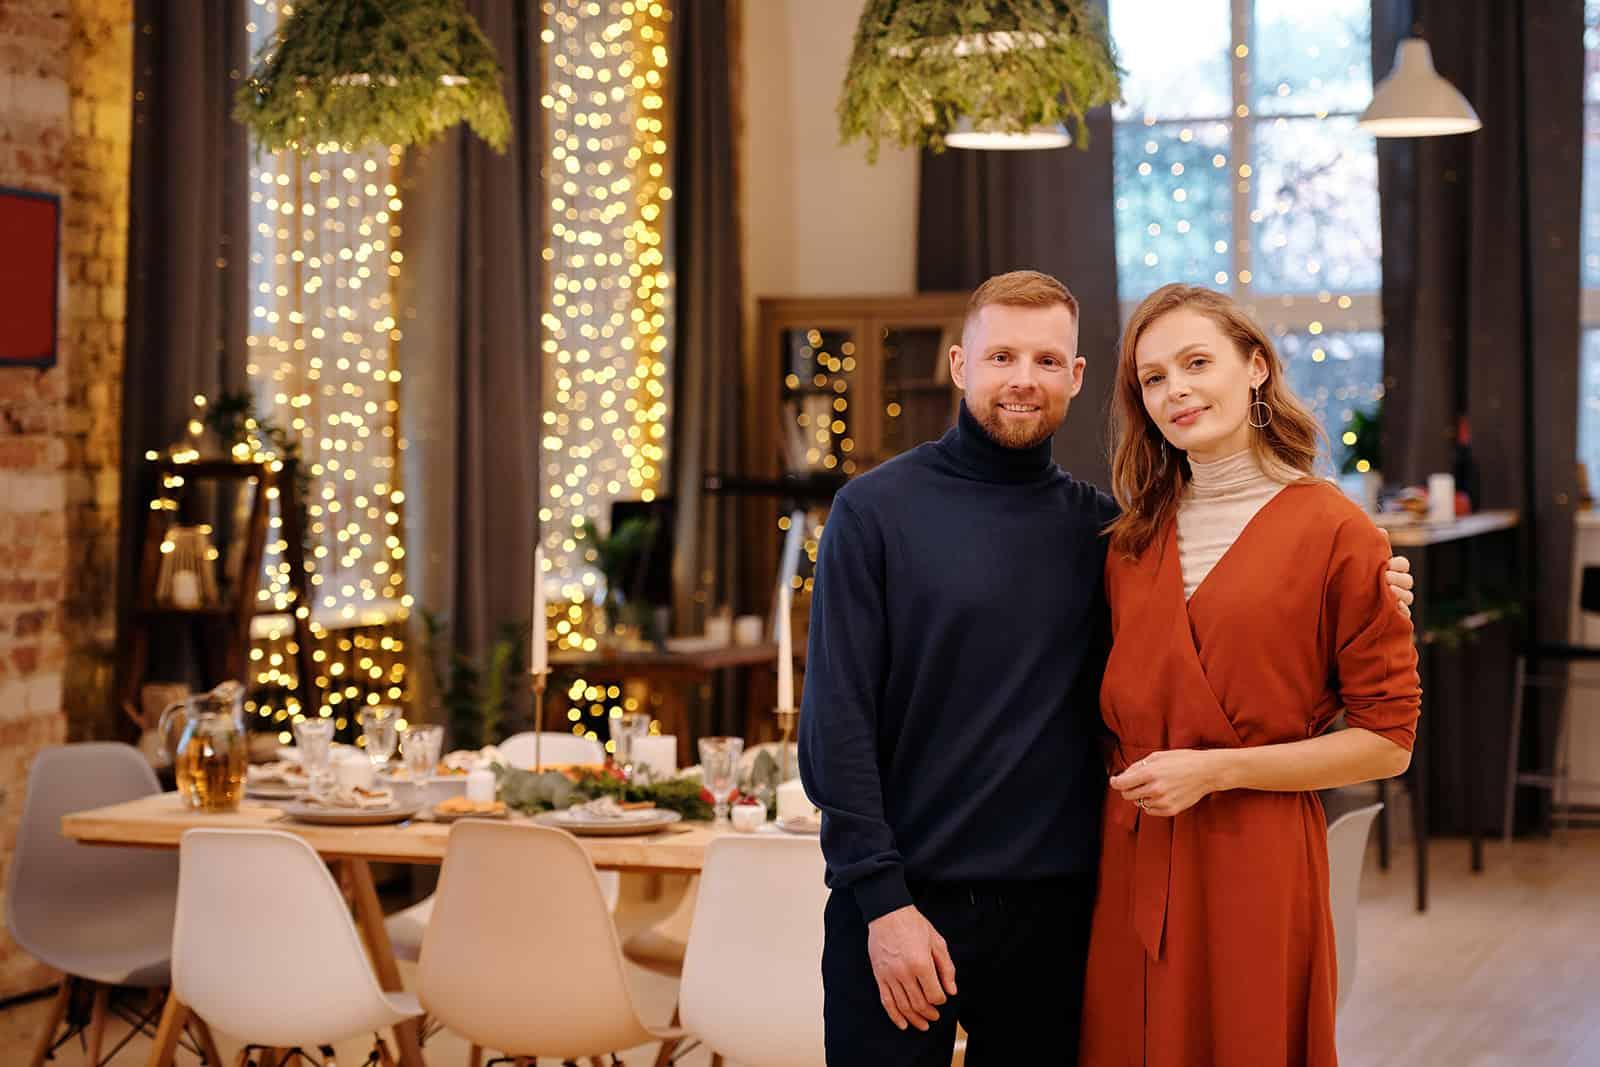 Ein Mann und eine Frau standen umarmt im Esszimmer